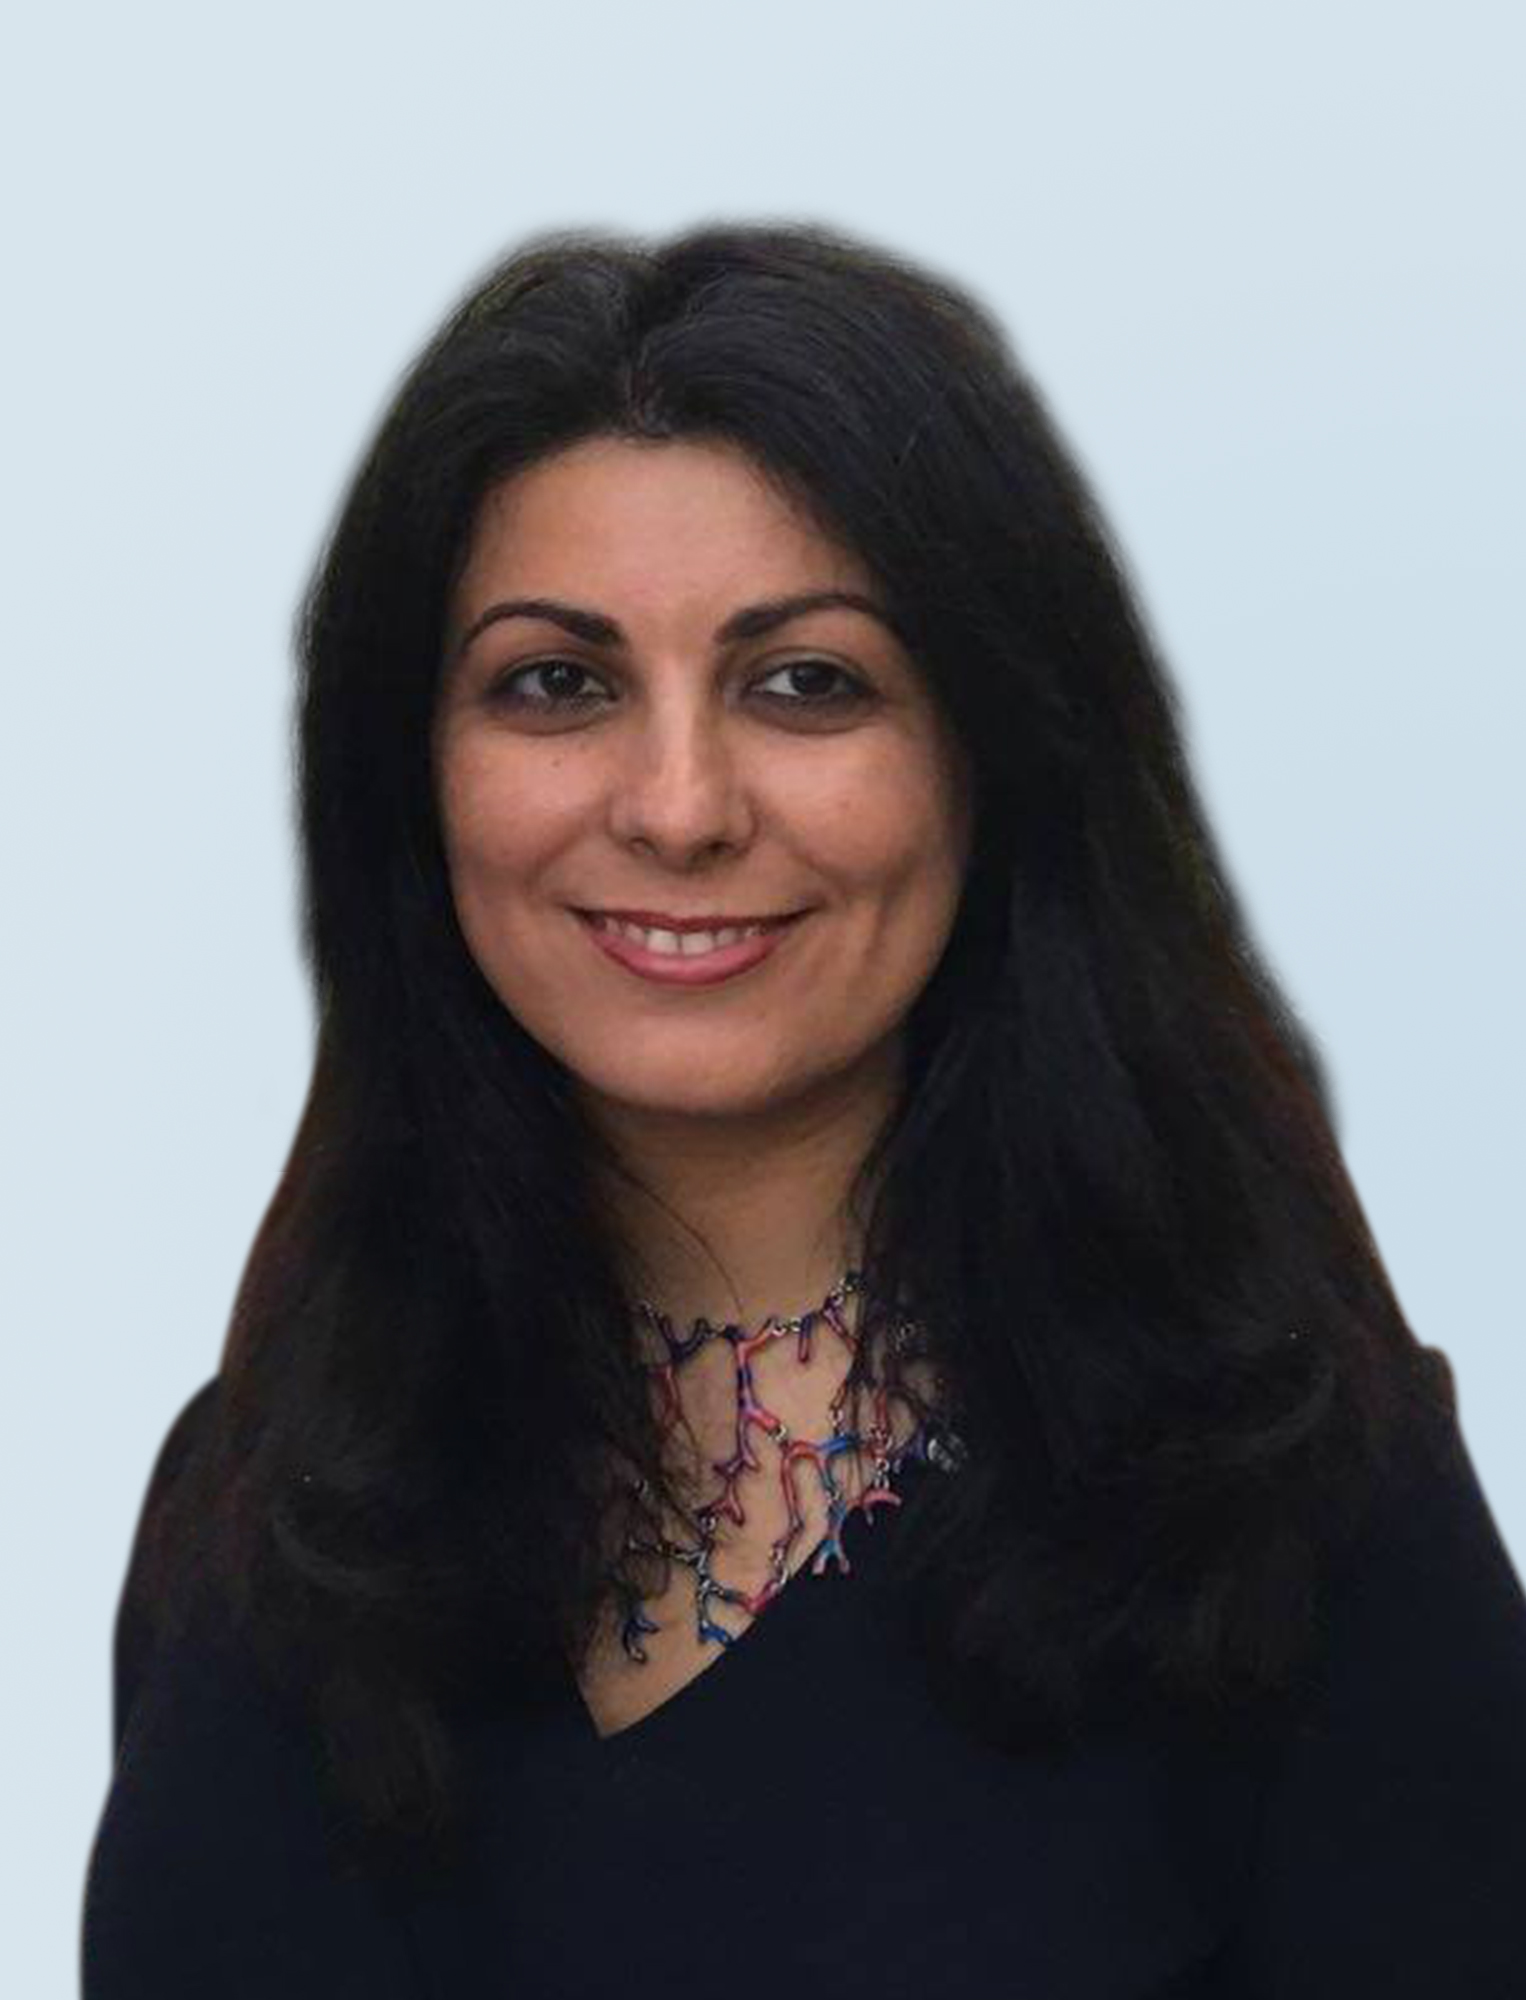 Portraitfoto von Frau Dr. Sarvenas Enayati auf hellblauem Hintergrund, Vorstandsmitglied der Partner Bank.